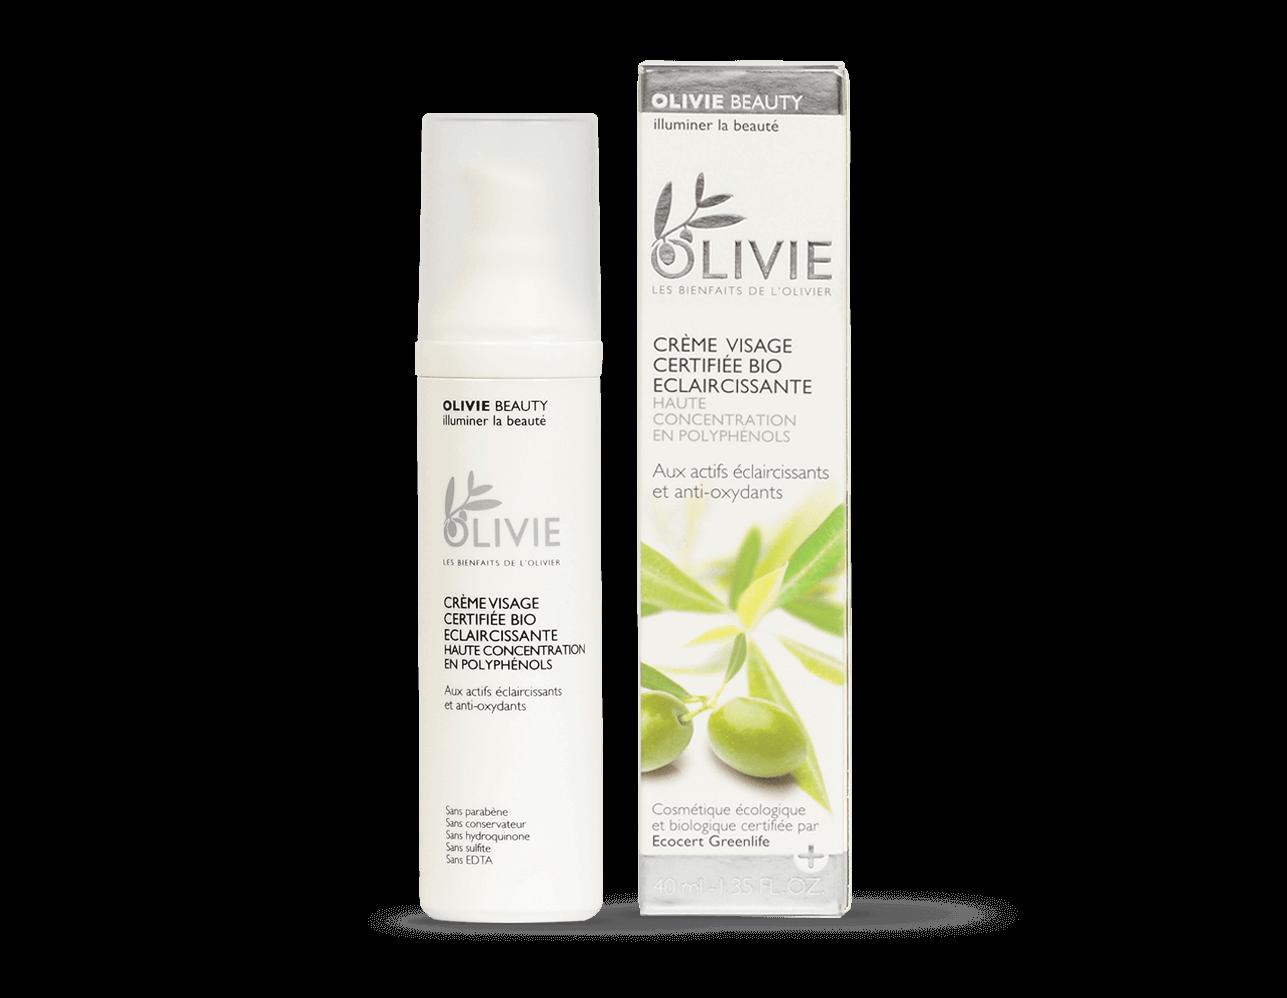 OLIVIE BEAUTY est la crème visage ultime certifiée BIO à haute concentration en polyphénols.